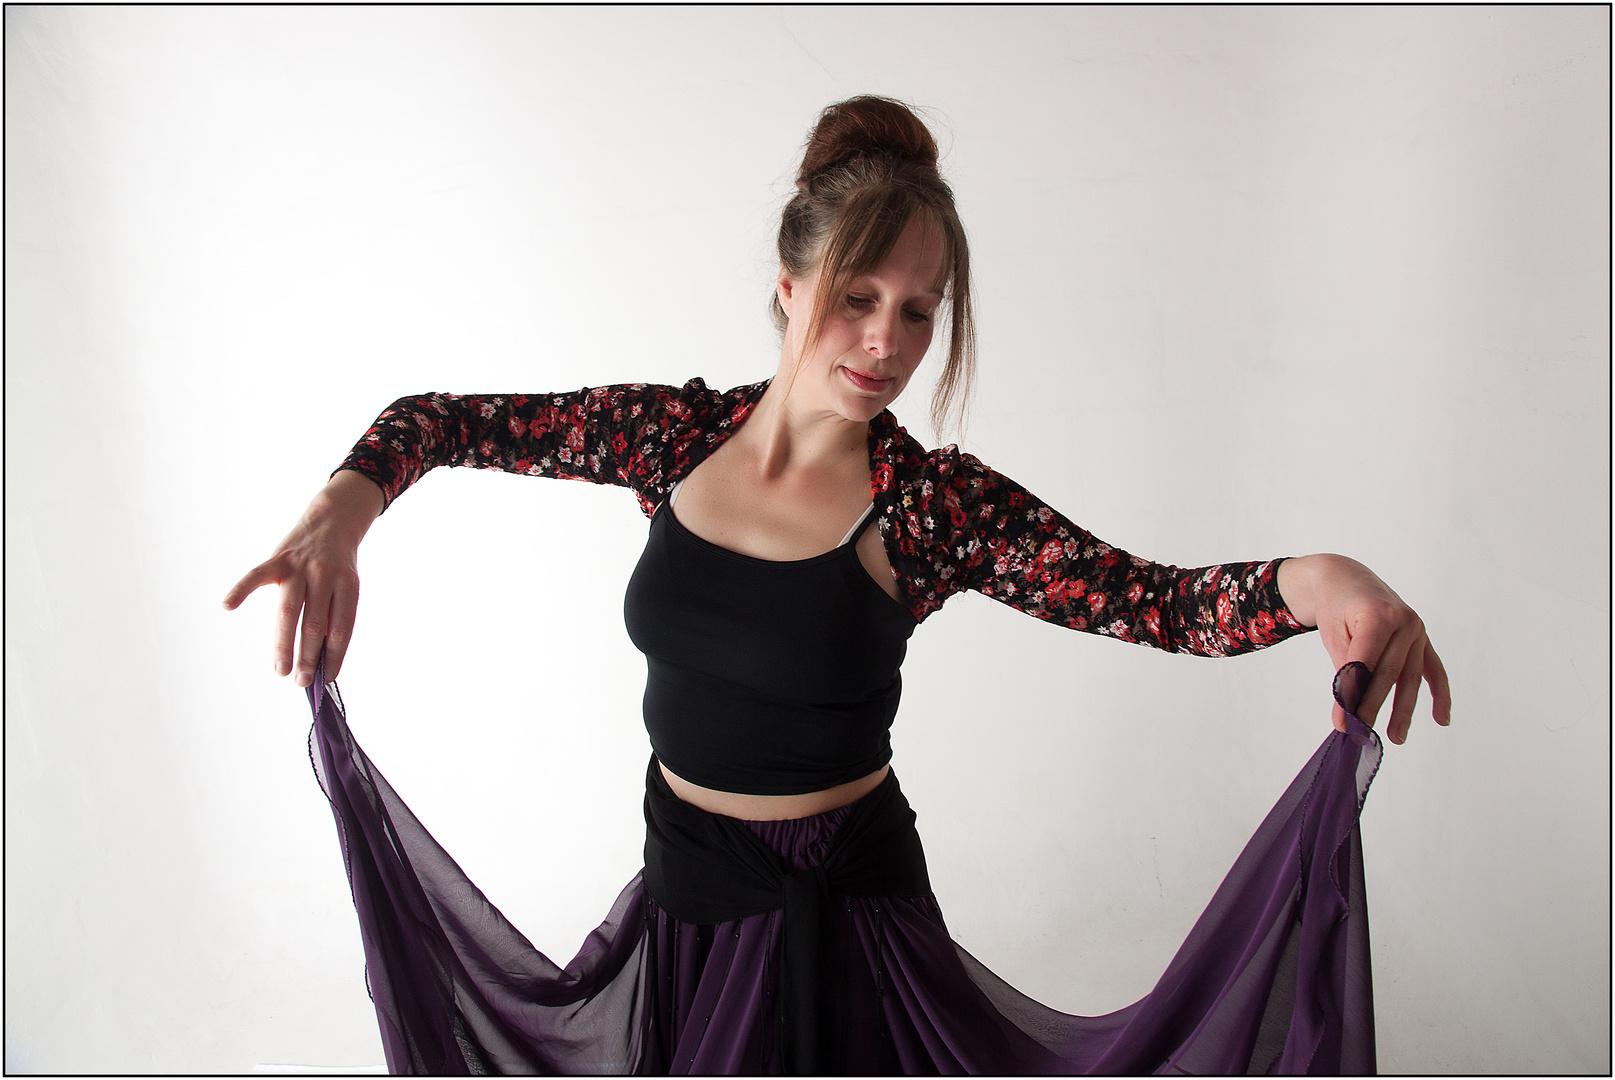 Fiona dancer